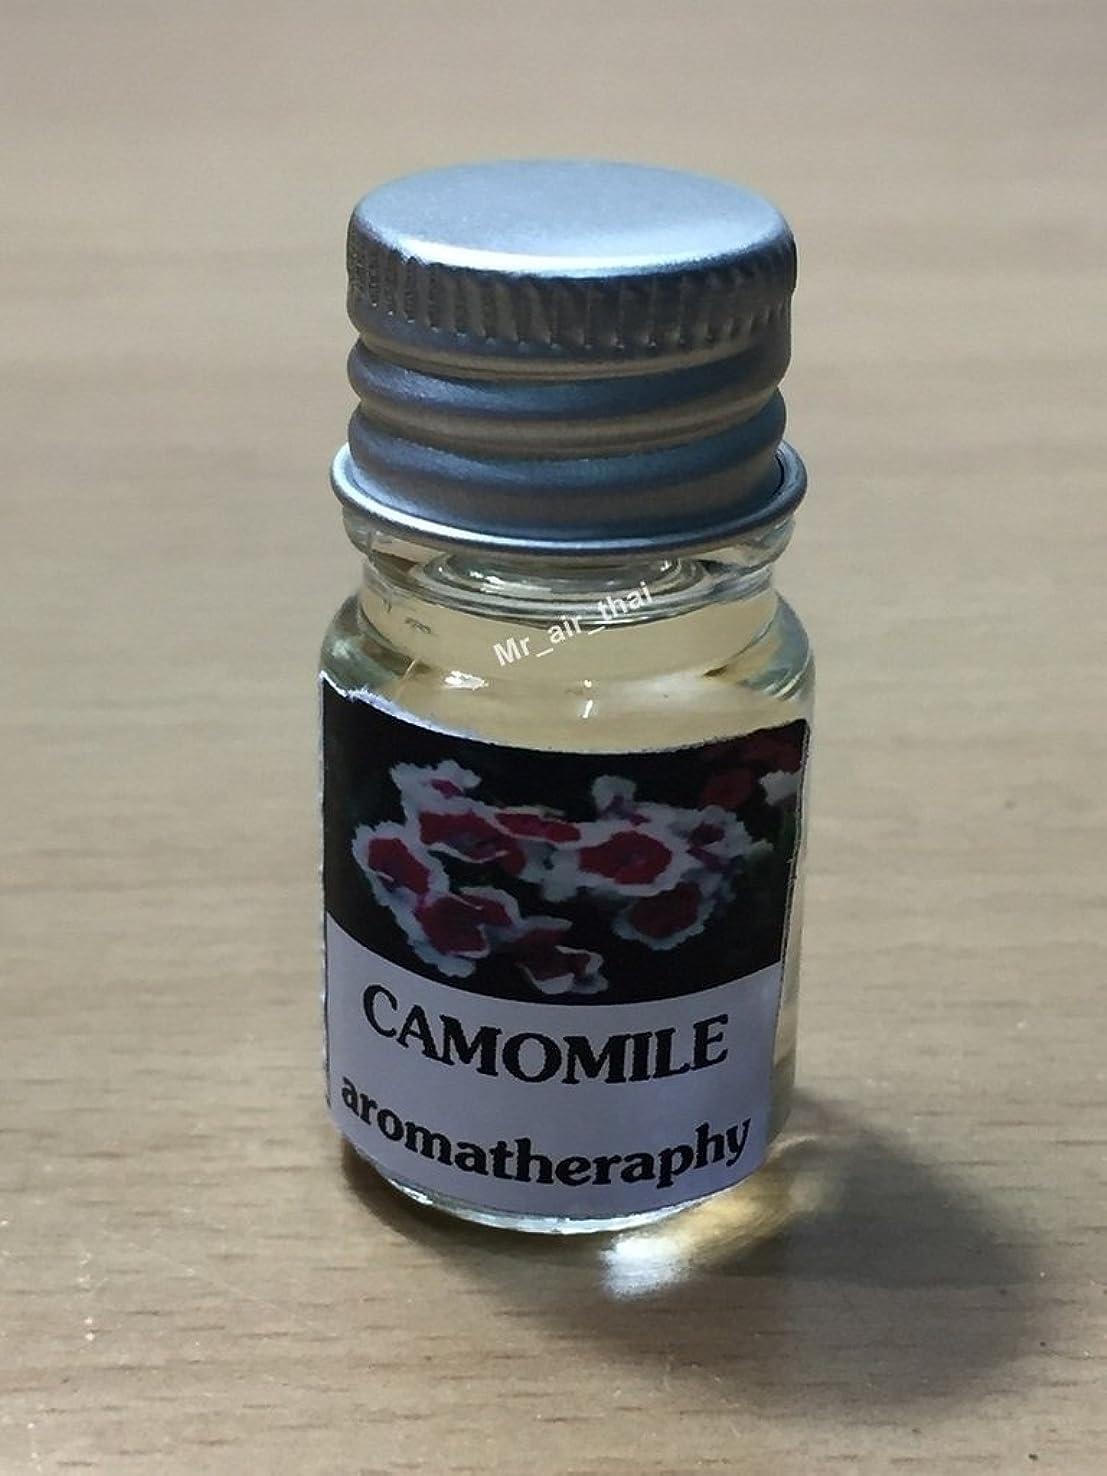 カレンダー投資する貫入5ミリリットルアロマカモミールフランクインセンスエッセンシャルオイルボトルアロマテラピーオイル自然自然5ml Aroma Camomile Frankincense Essential Oil Bottles Aromatherapy Oils natural nature